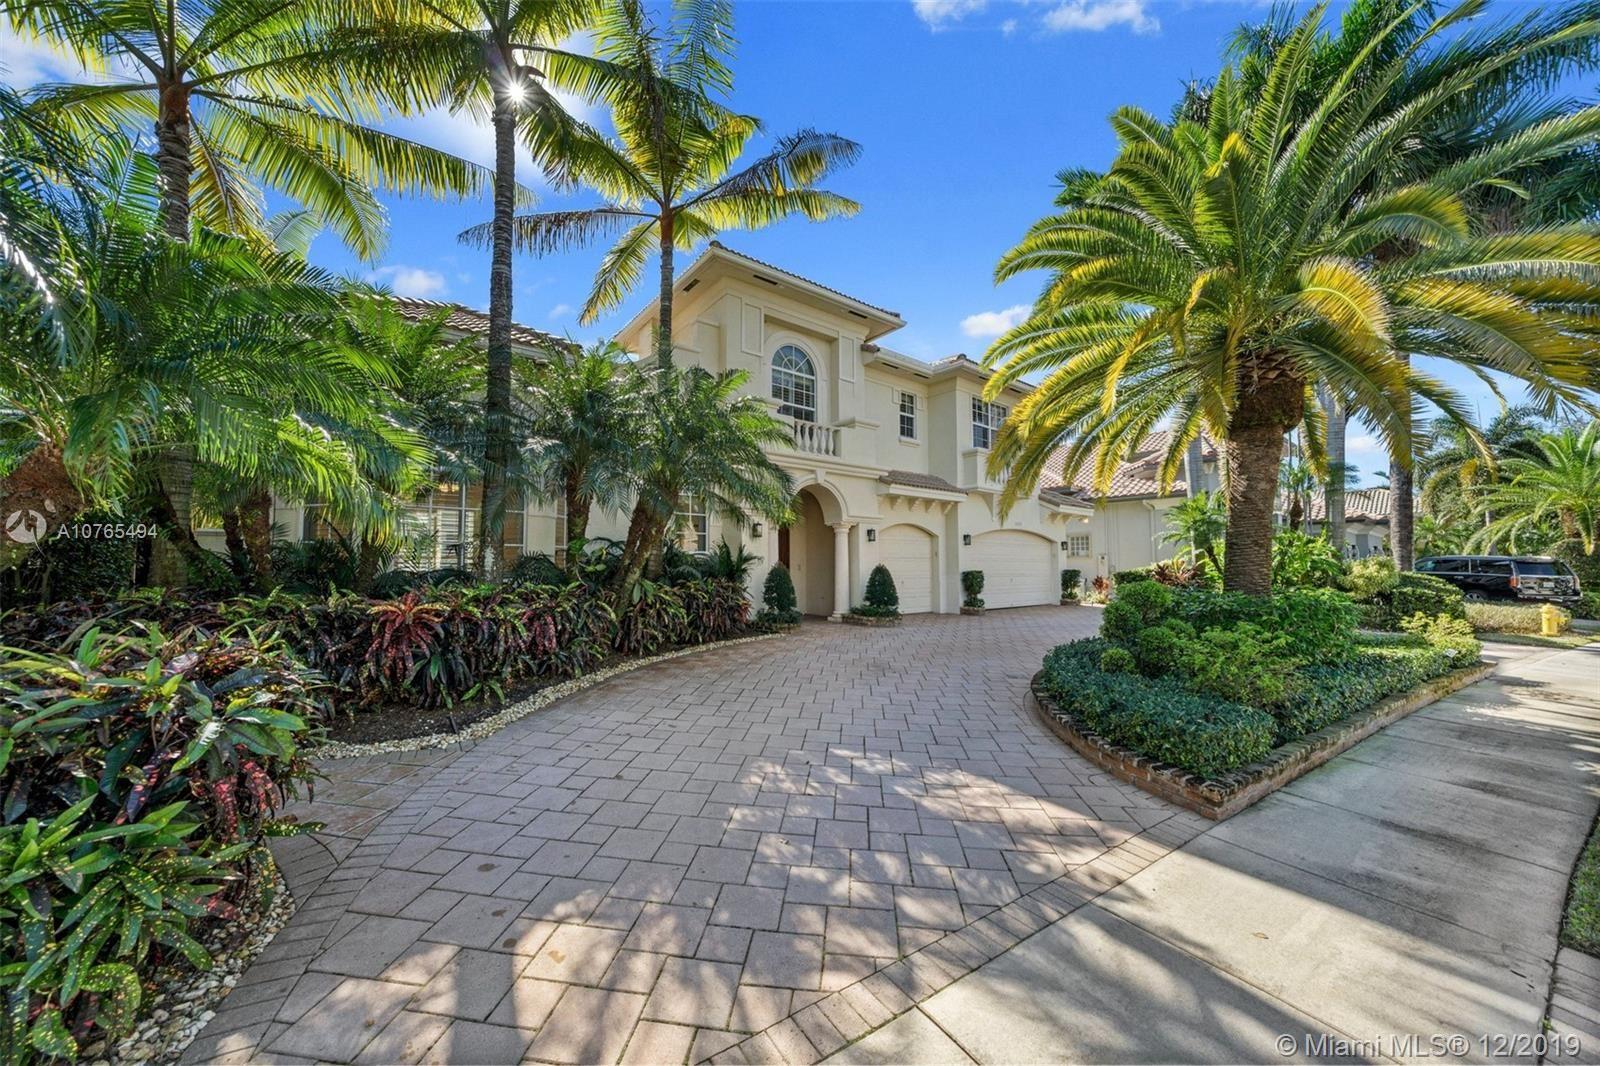 10898 N Blue Palm St, Plantation, FL 33324 - MLS#: A10765494